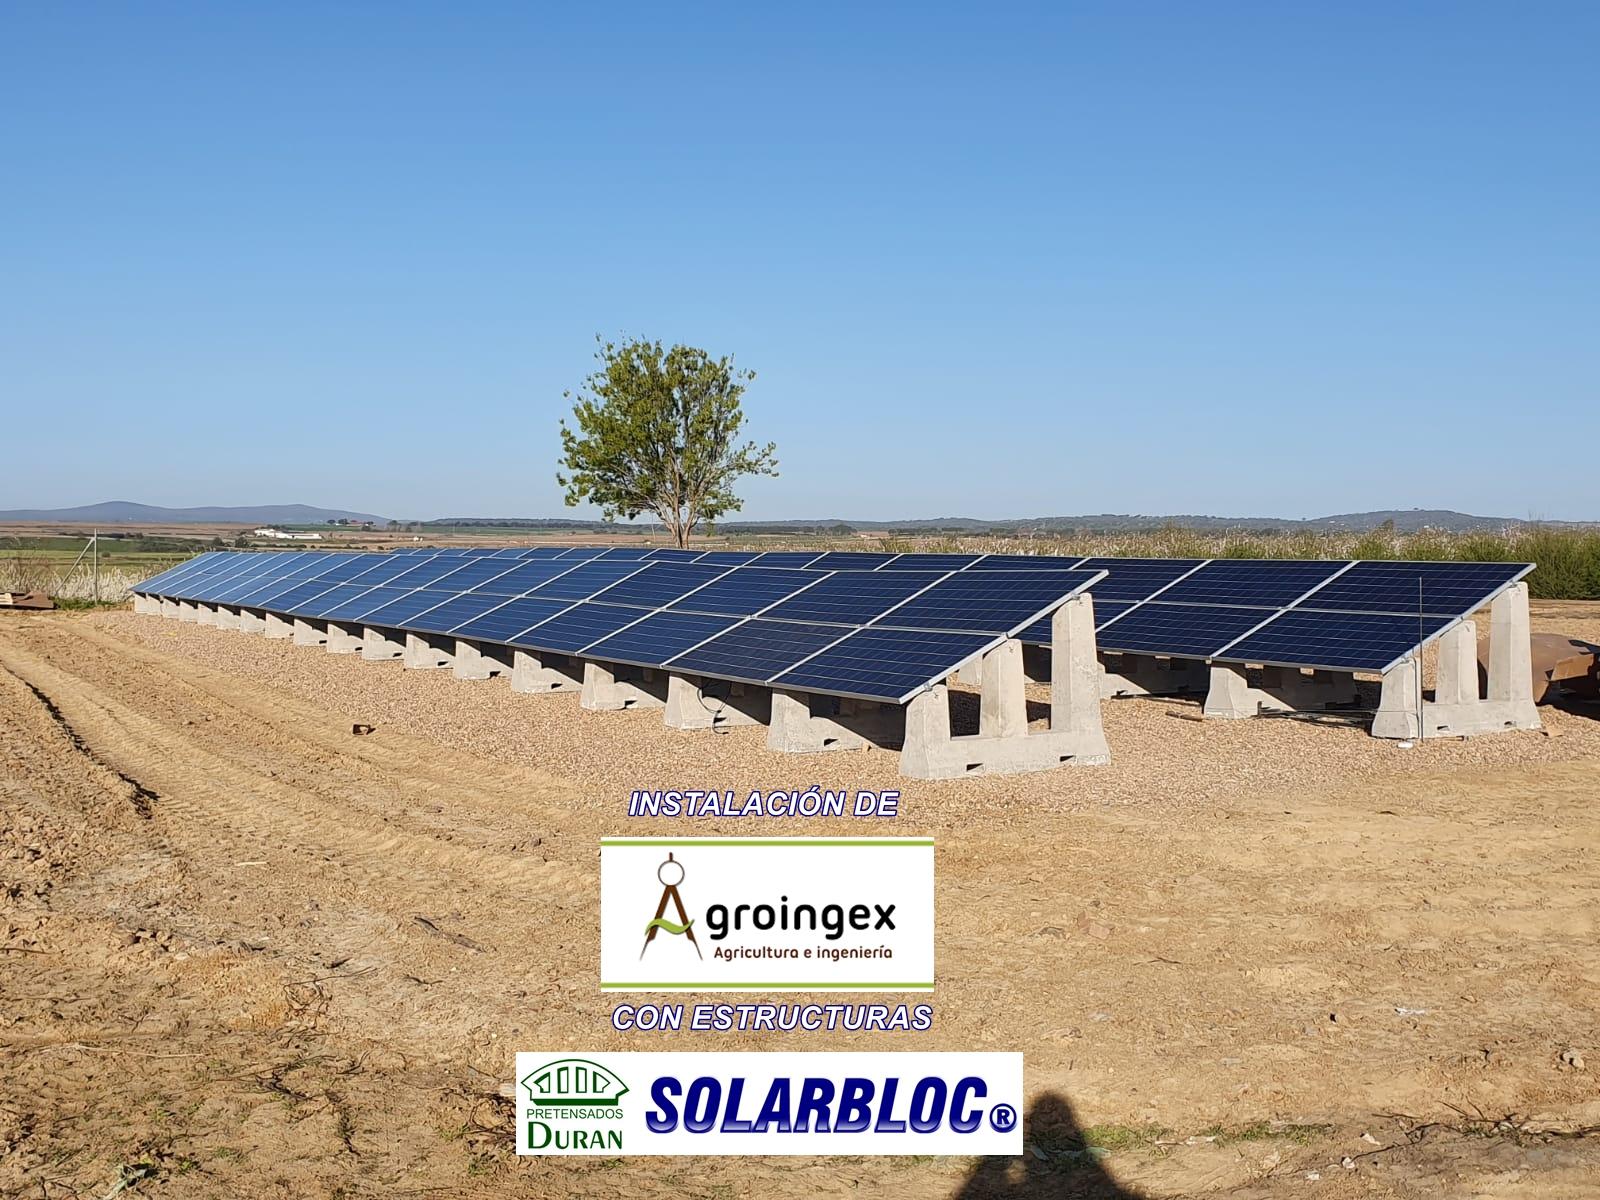 Soportess placa solar Agroingex SOLARBLOC